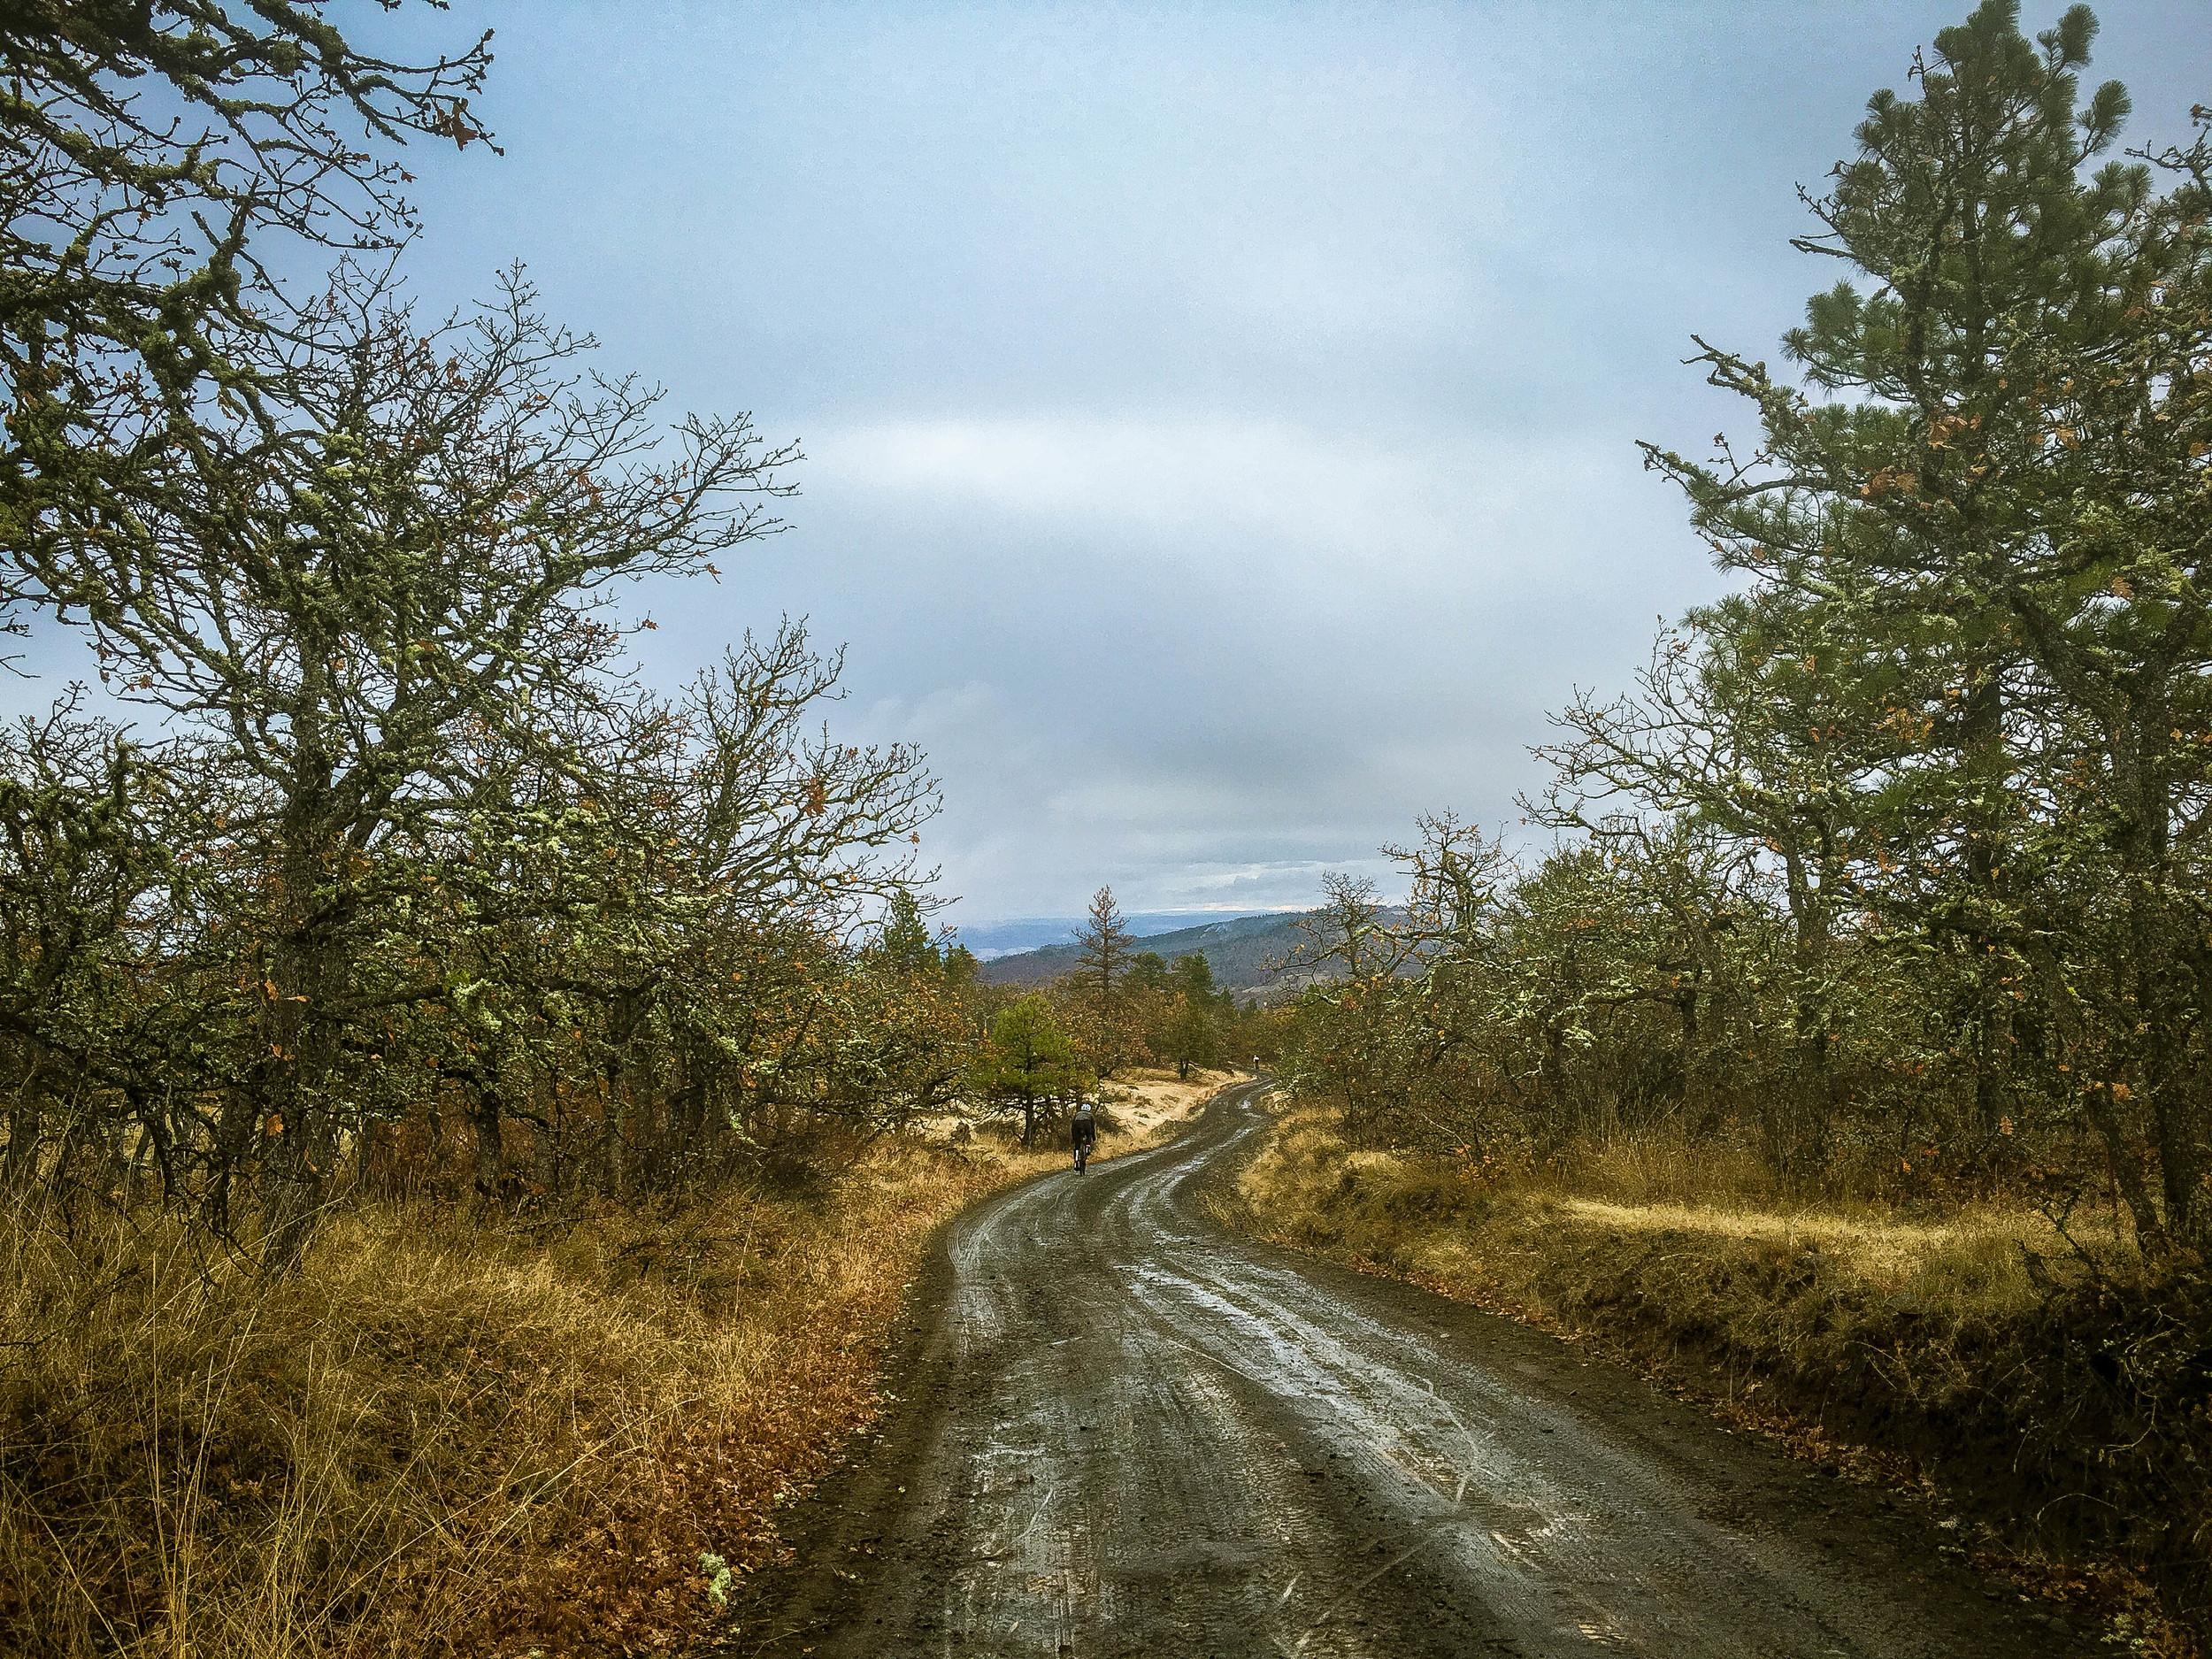 Dirty Ketchum Loop: Neal Creek to Mosier -